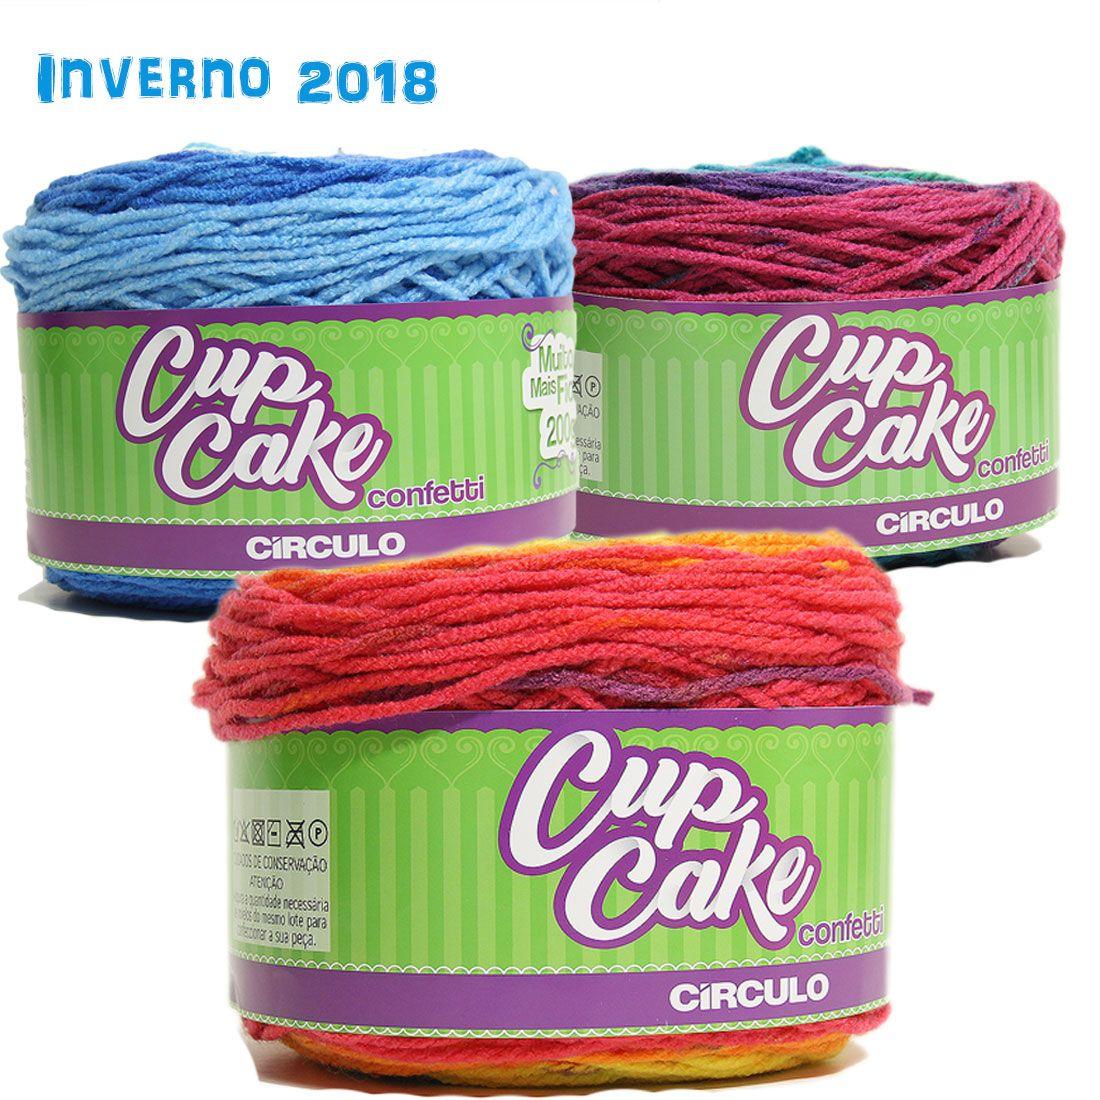 Fio CupCake Confetti Circulo S/A 200g